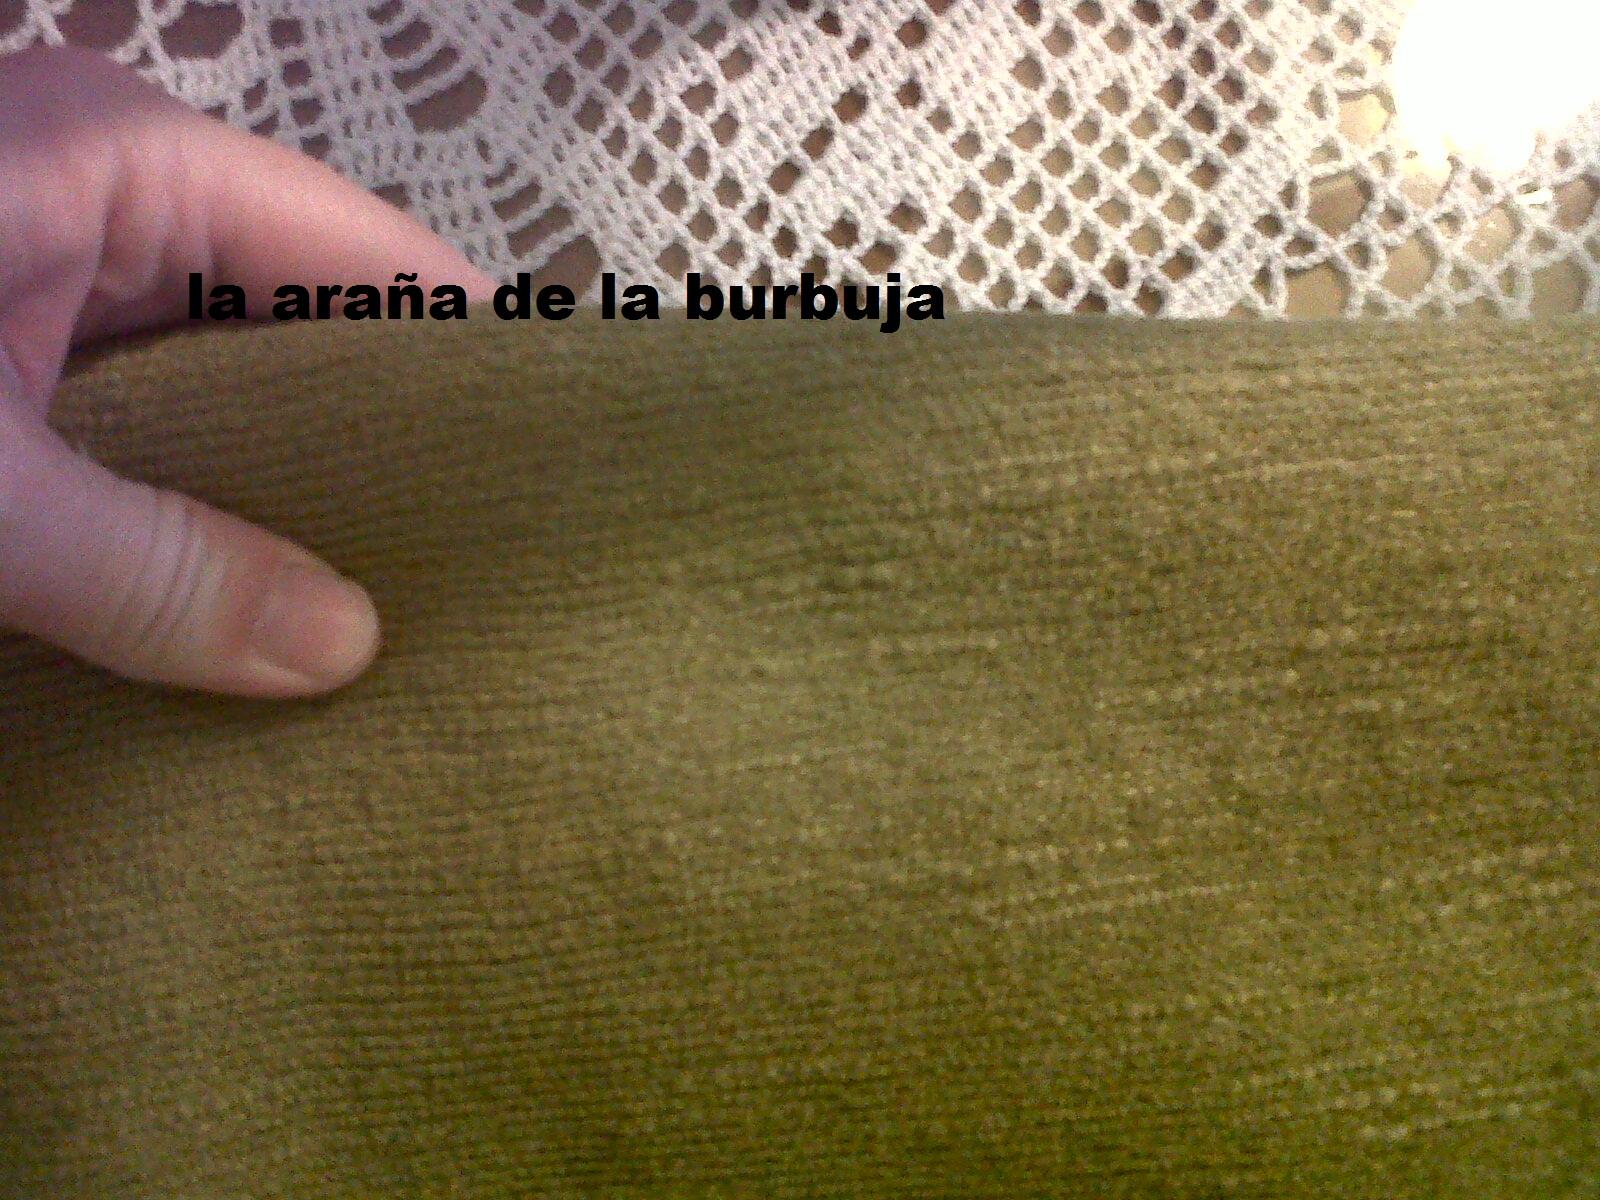 La ara a de la burbuja tutorial para tapizar sillas - Esponja para tapizar ...